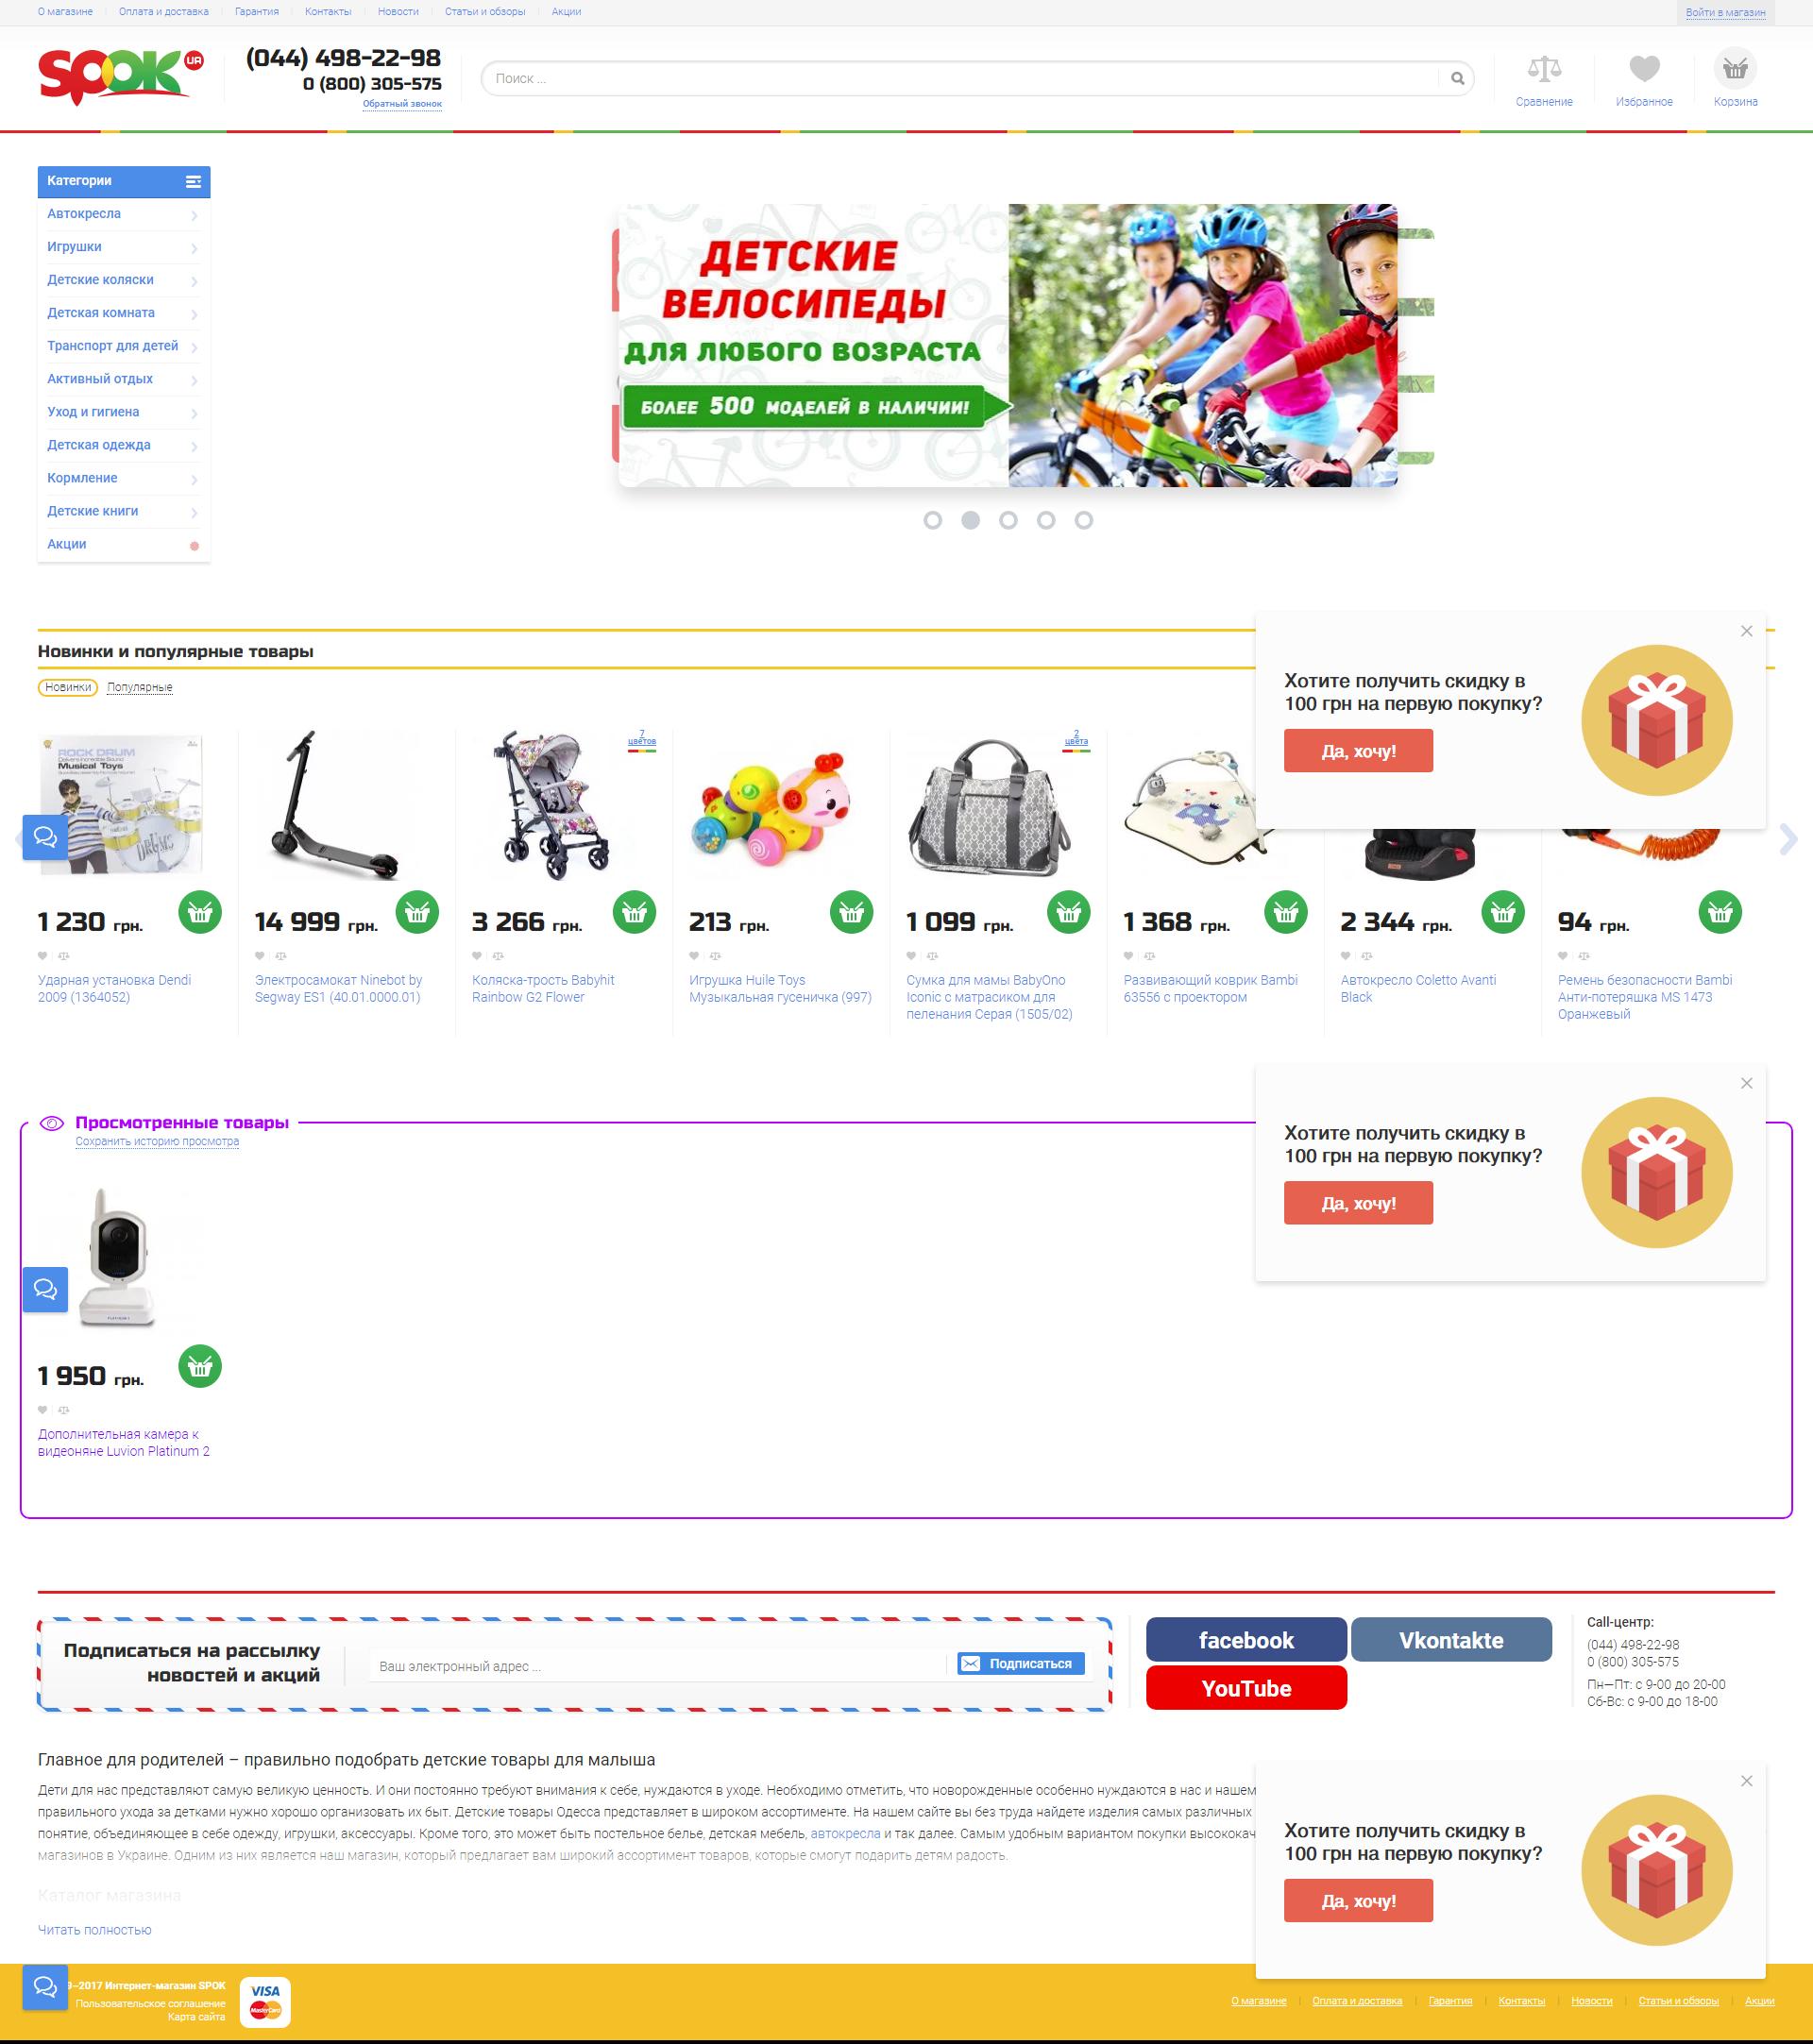 Берег Интернет Магазин Украина